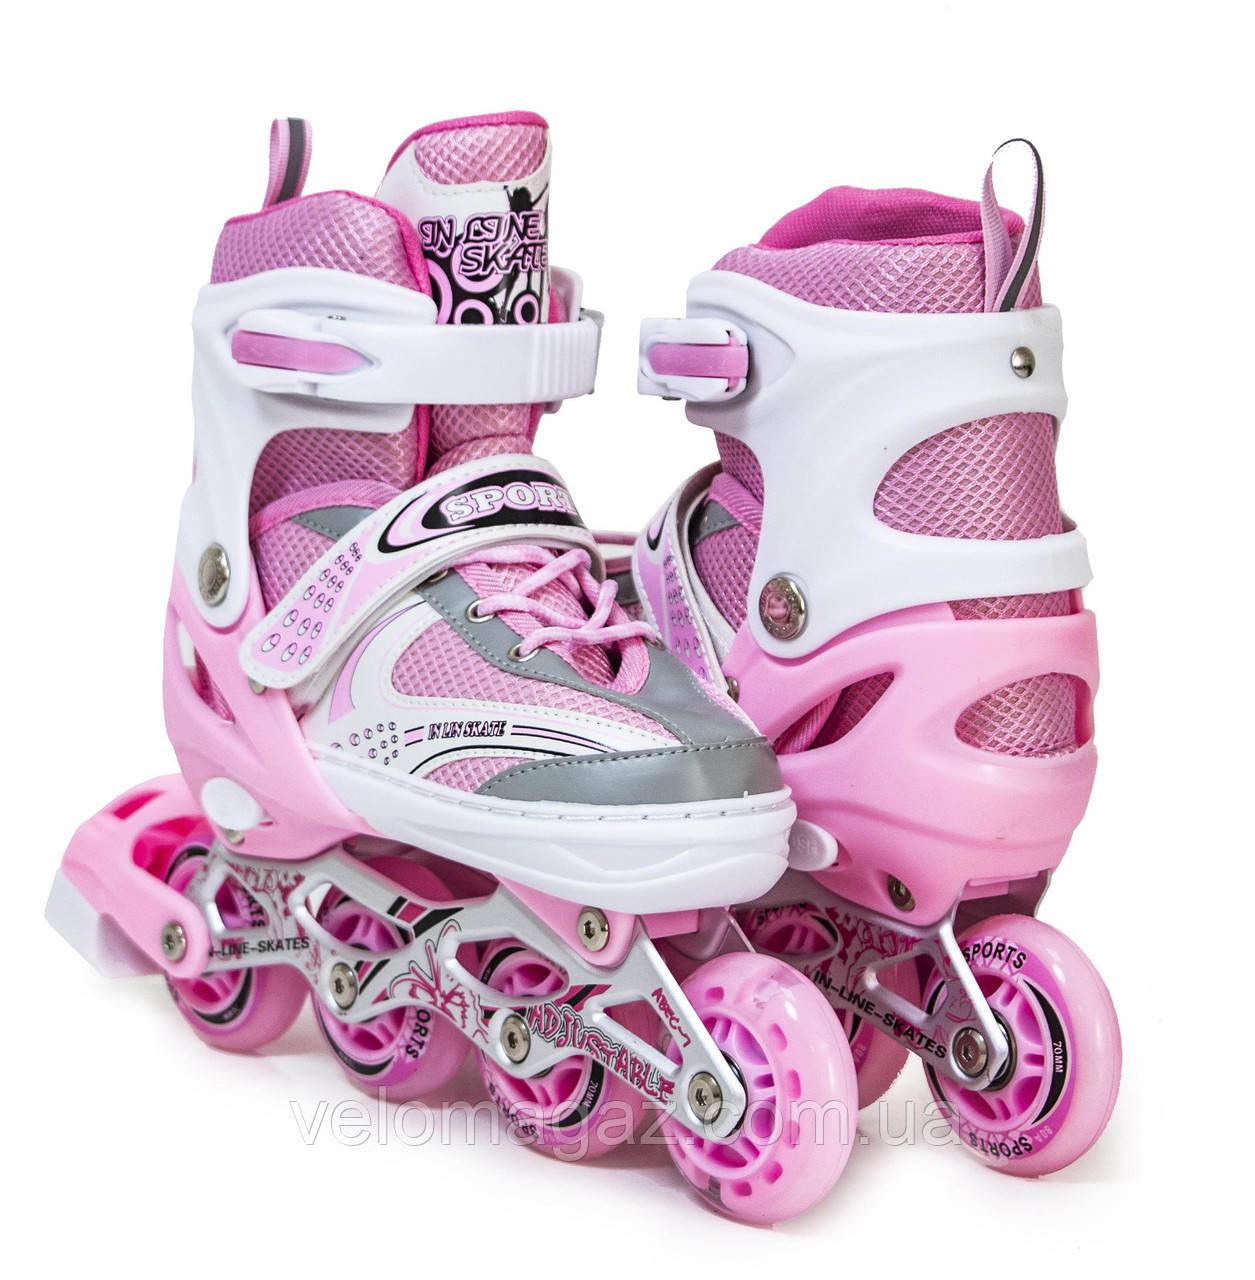 Раздвижные ролики  HAPPY, розовые, светящиеся колеса